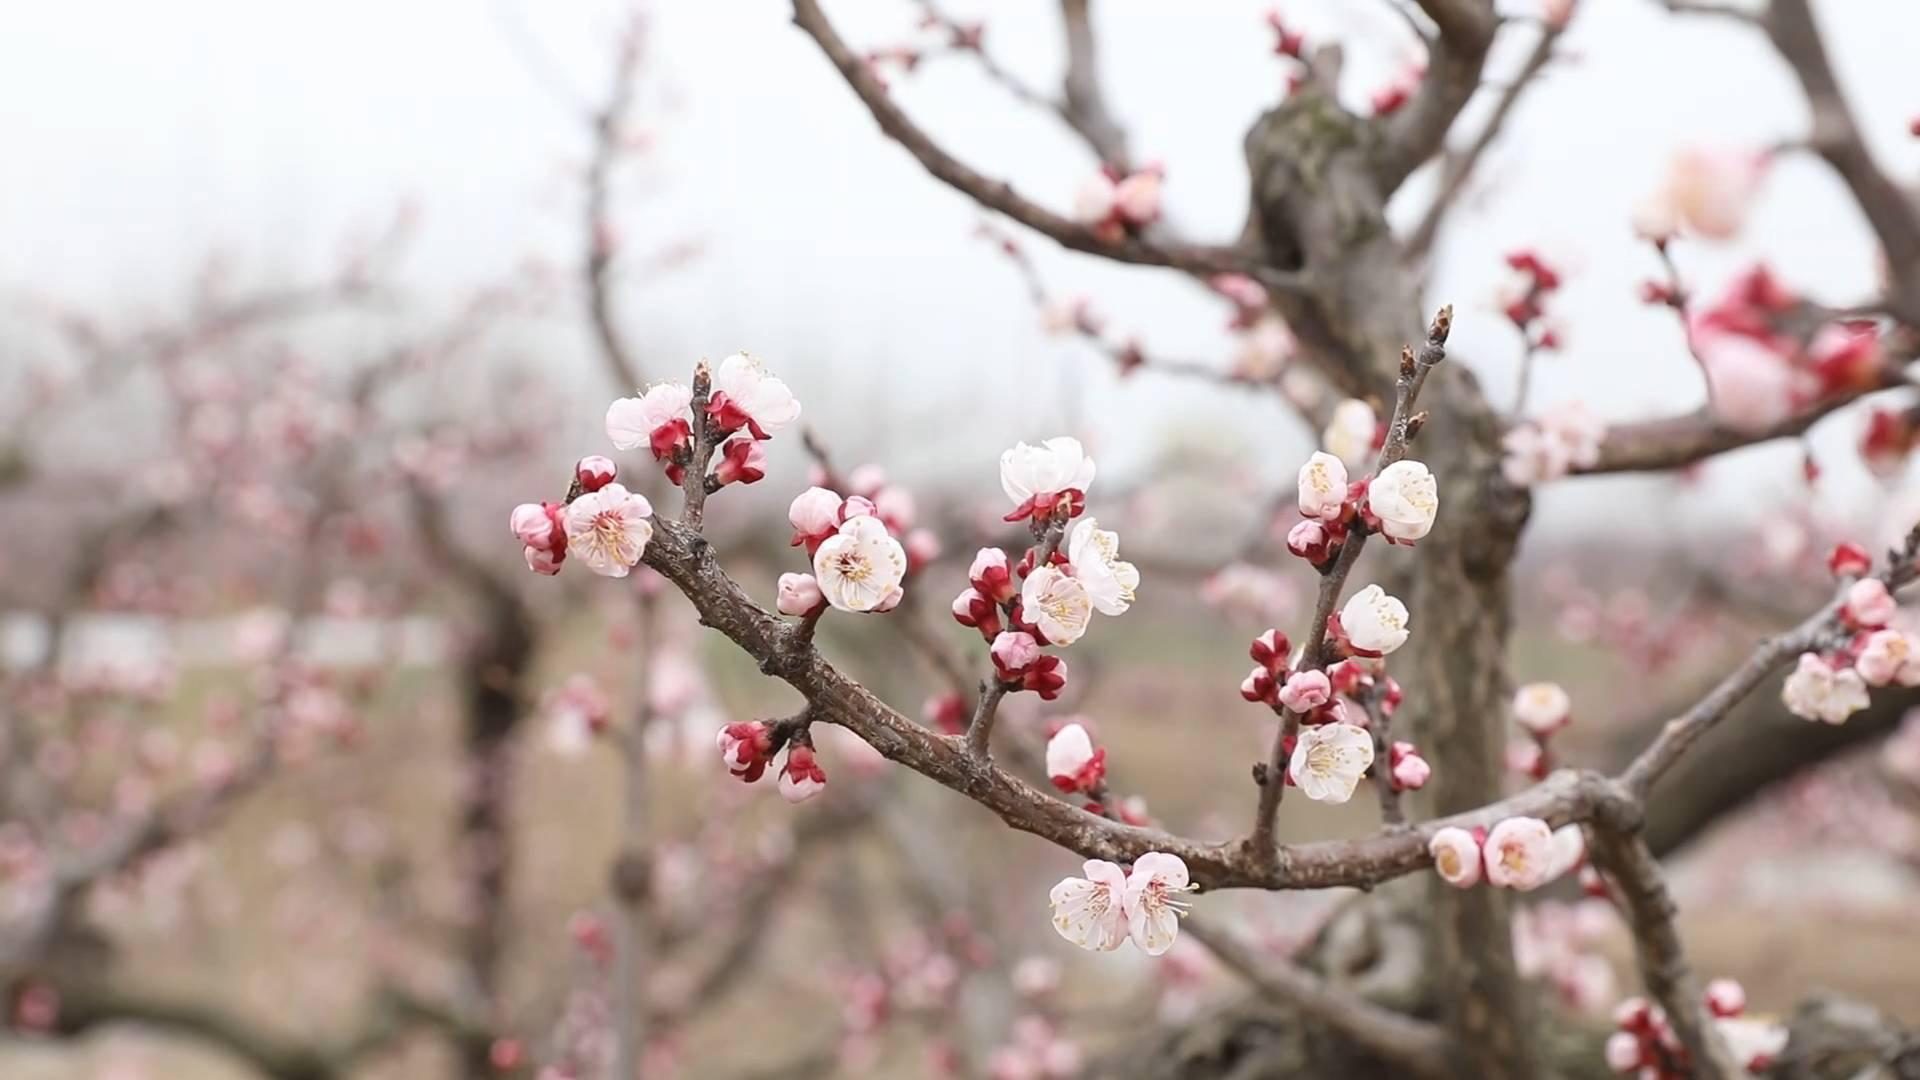 拥抱春天丨花开春意浓  踏春赏花正当时